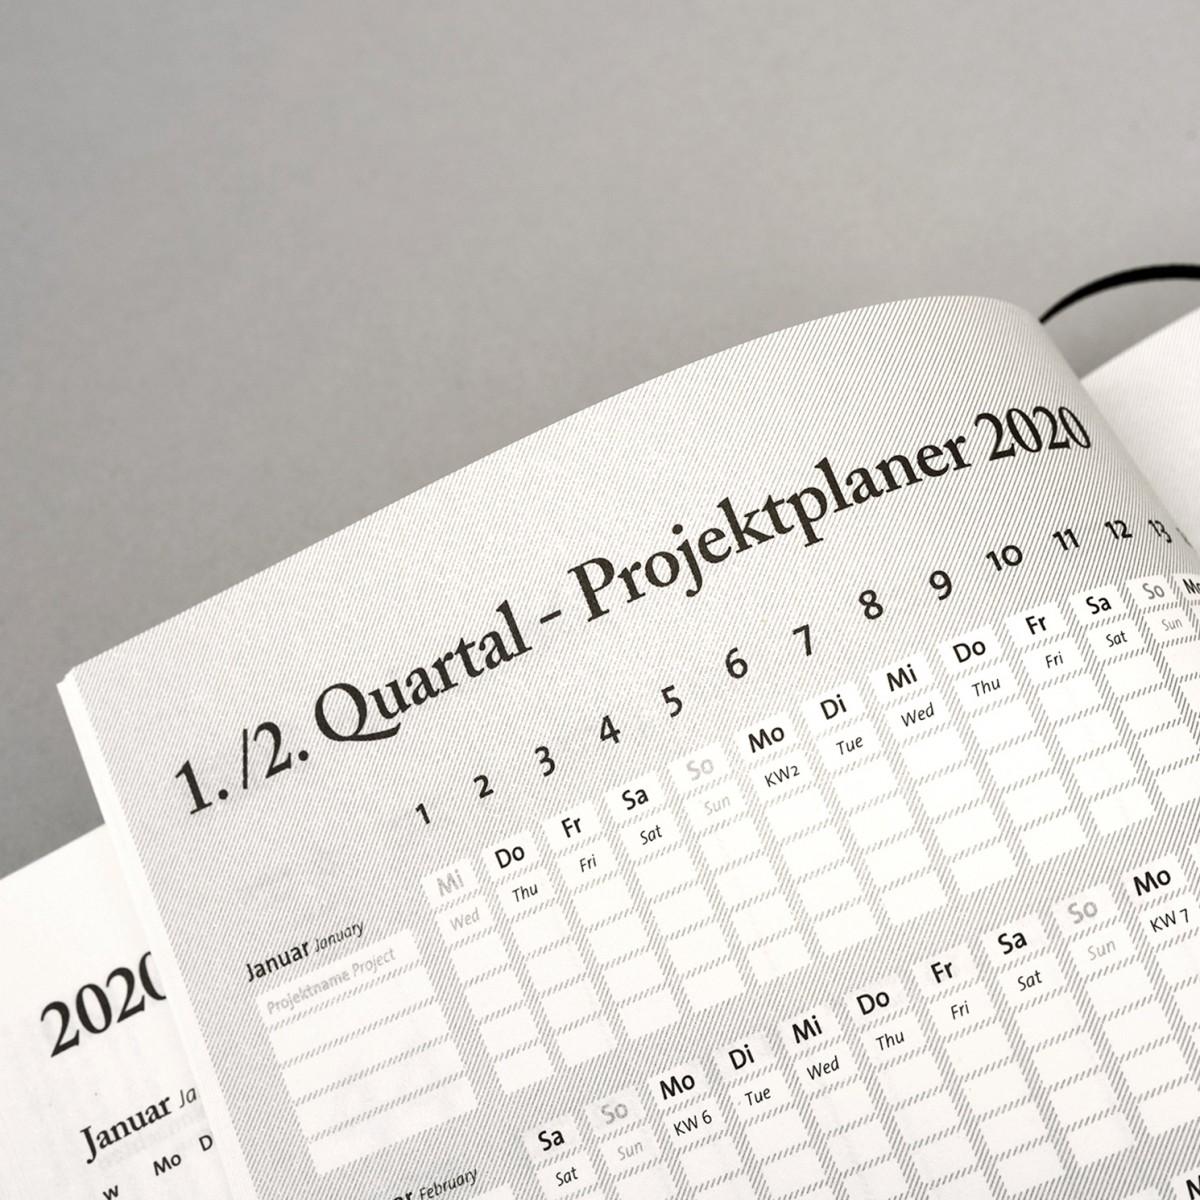 tyyp Kalender 2020 - Soft, Natur, DIN A5, Handmade